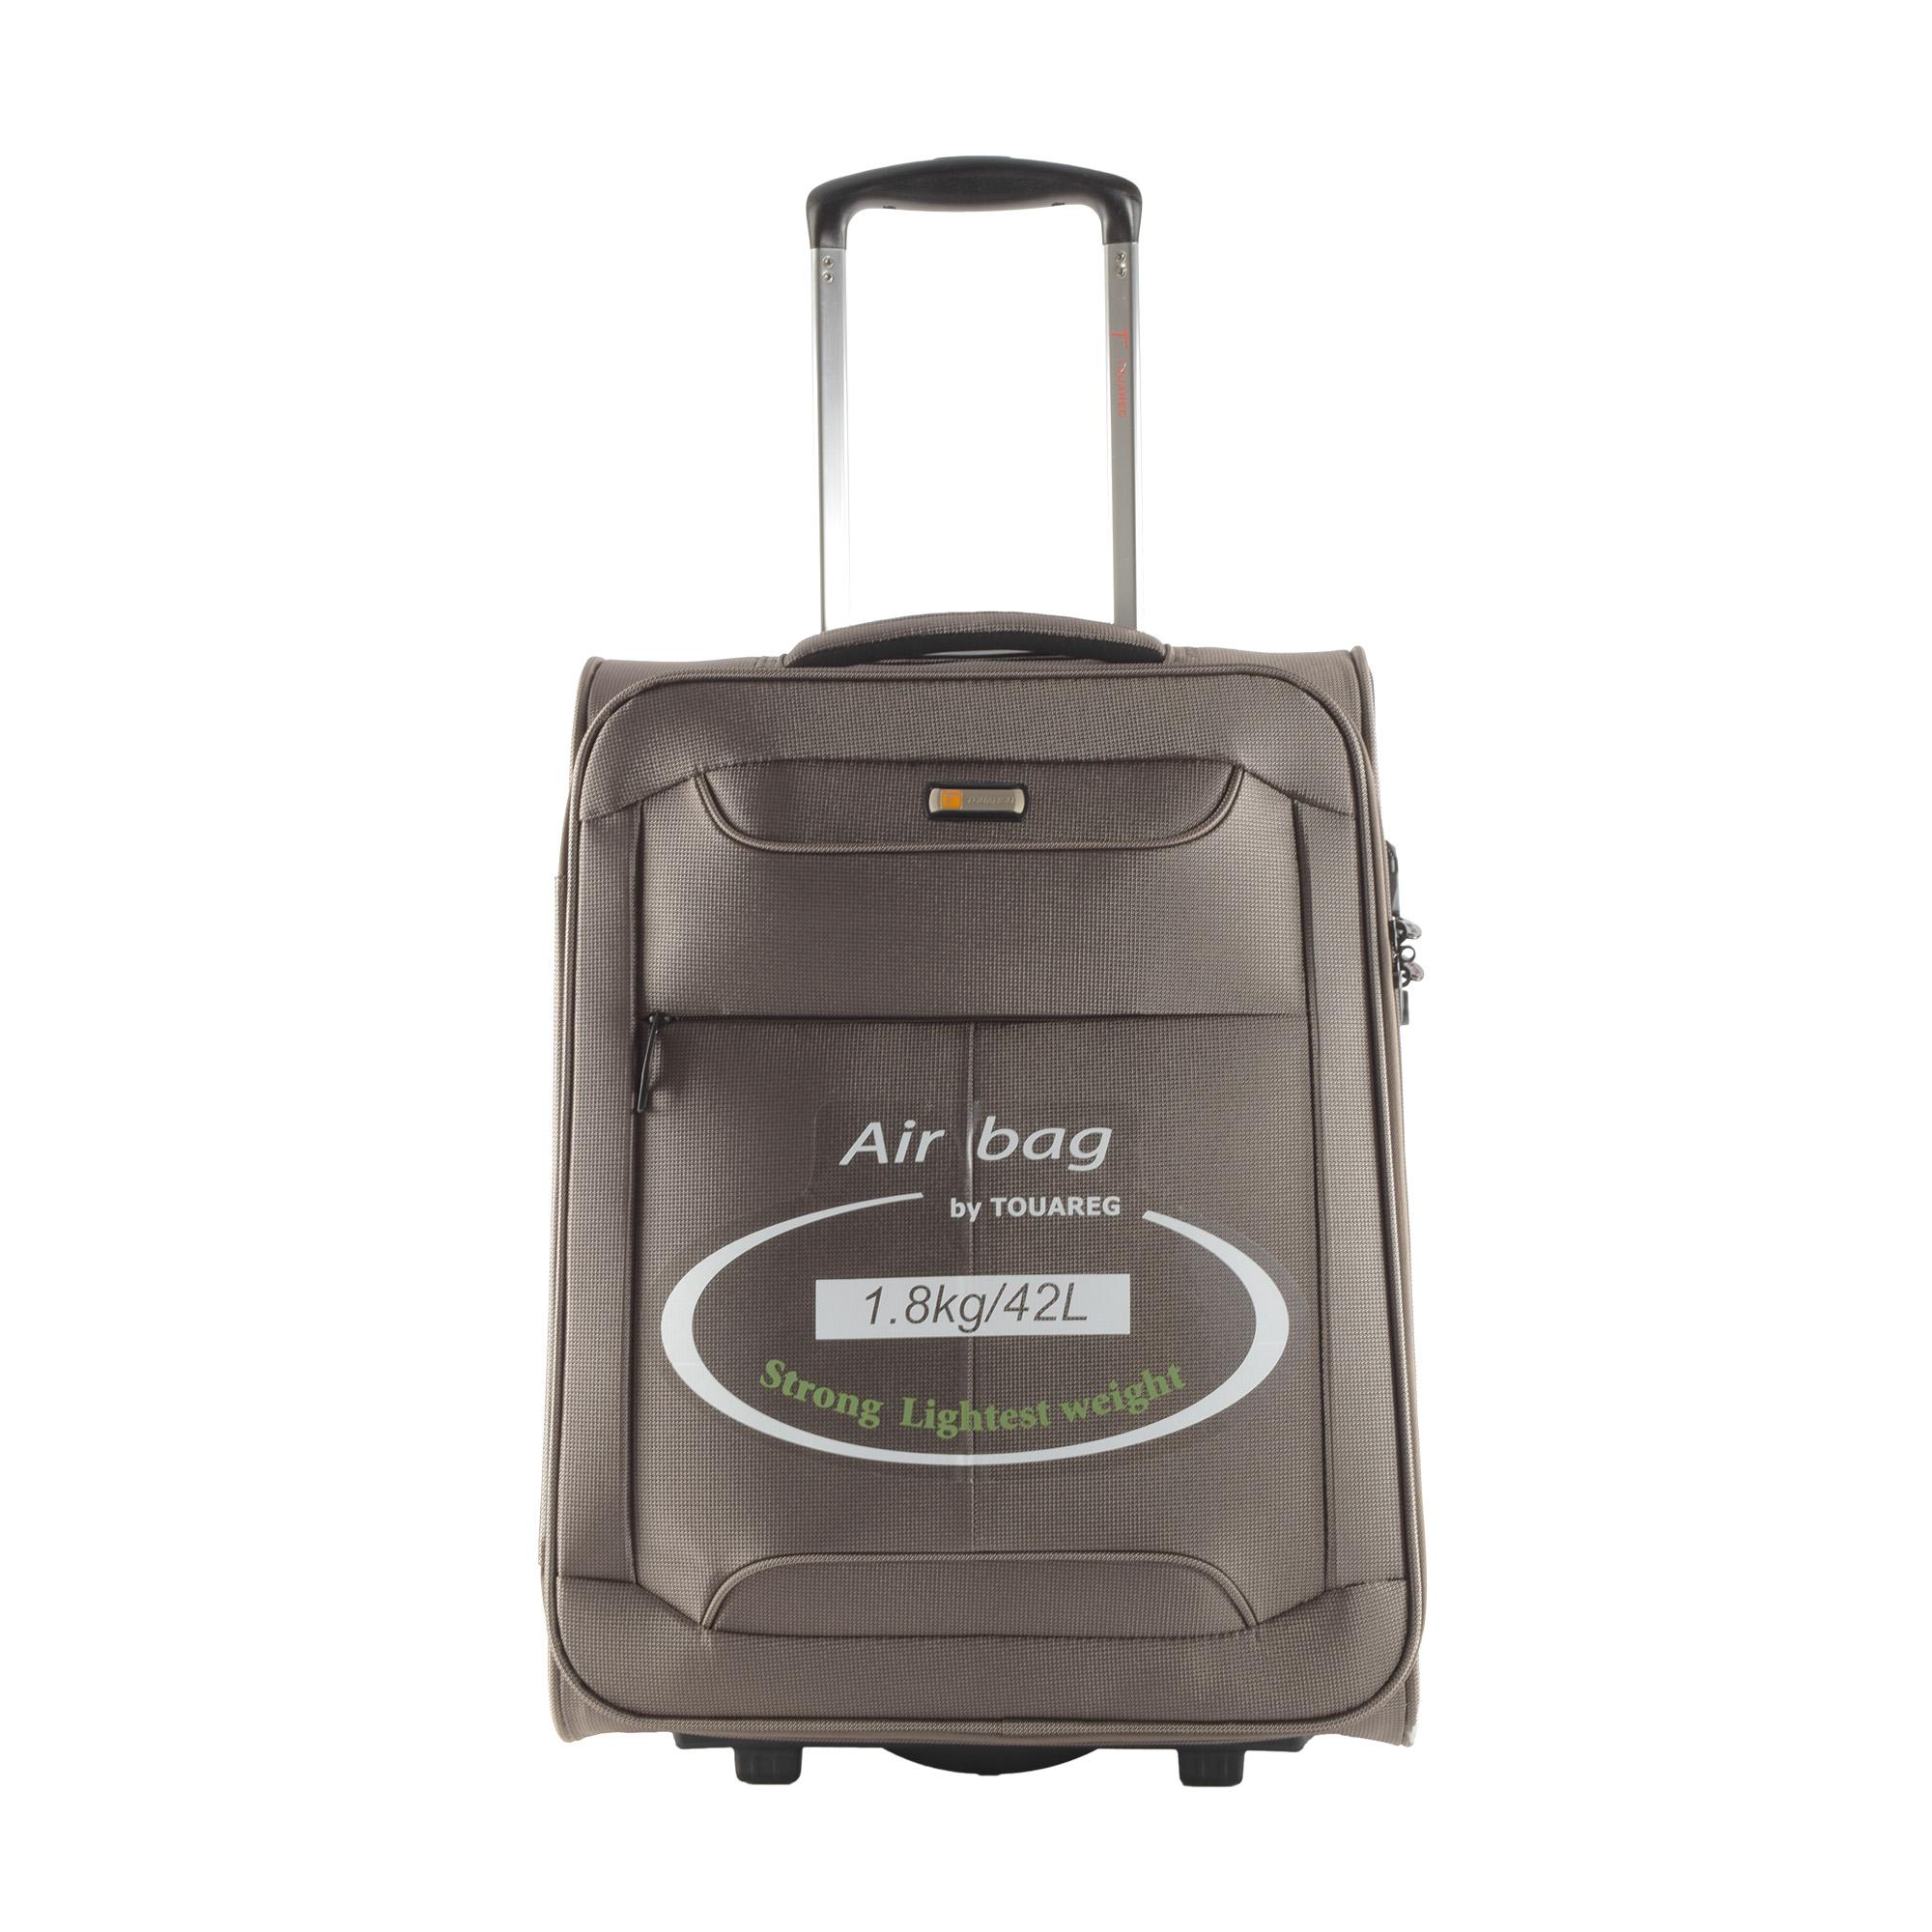 Touareg bronz színű extra könnyű kabin bőrönd - KABIN (kis) MÉRETŰ BŐRÖNDÖK  - Táska webáruház - Minőségi táskák mindenkinek 1886d13fc7